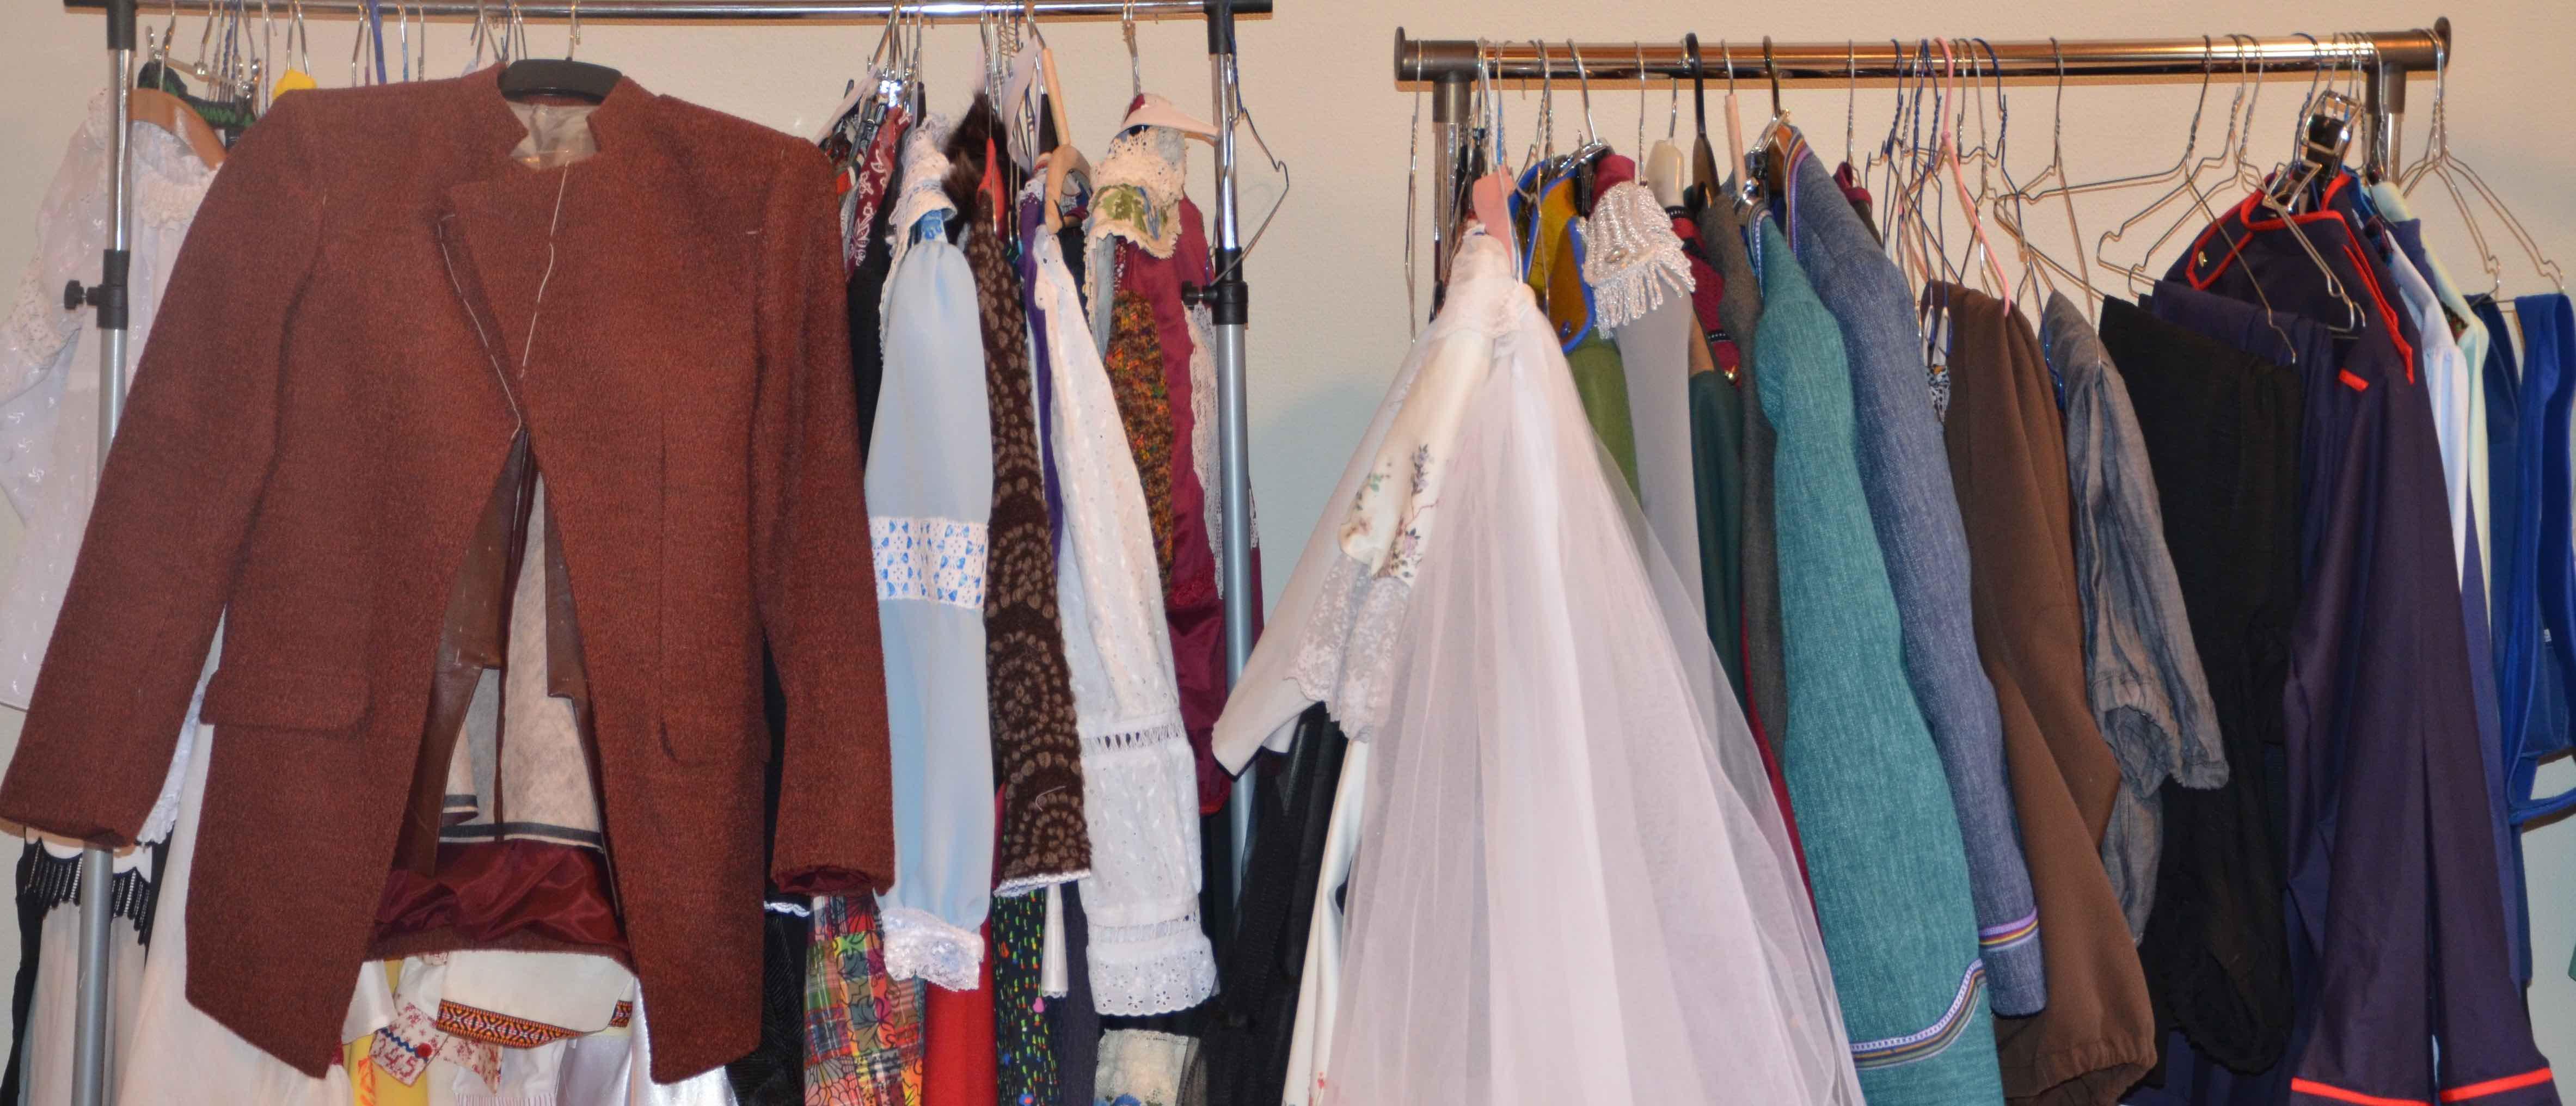 De Weekend sinn dem Sylvie Hamus seng Kostümer ukomm